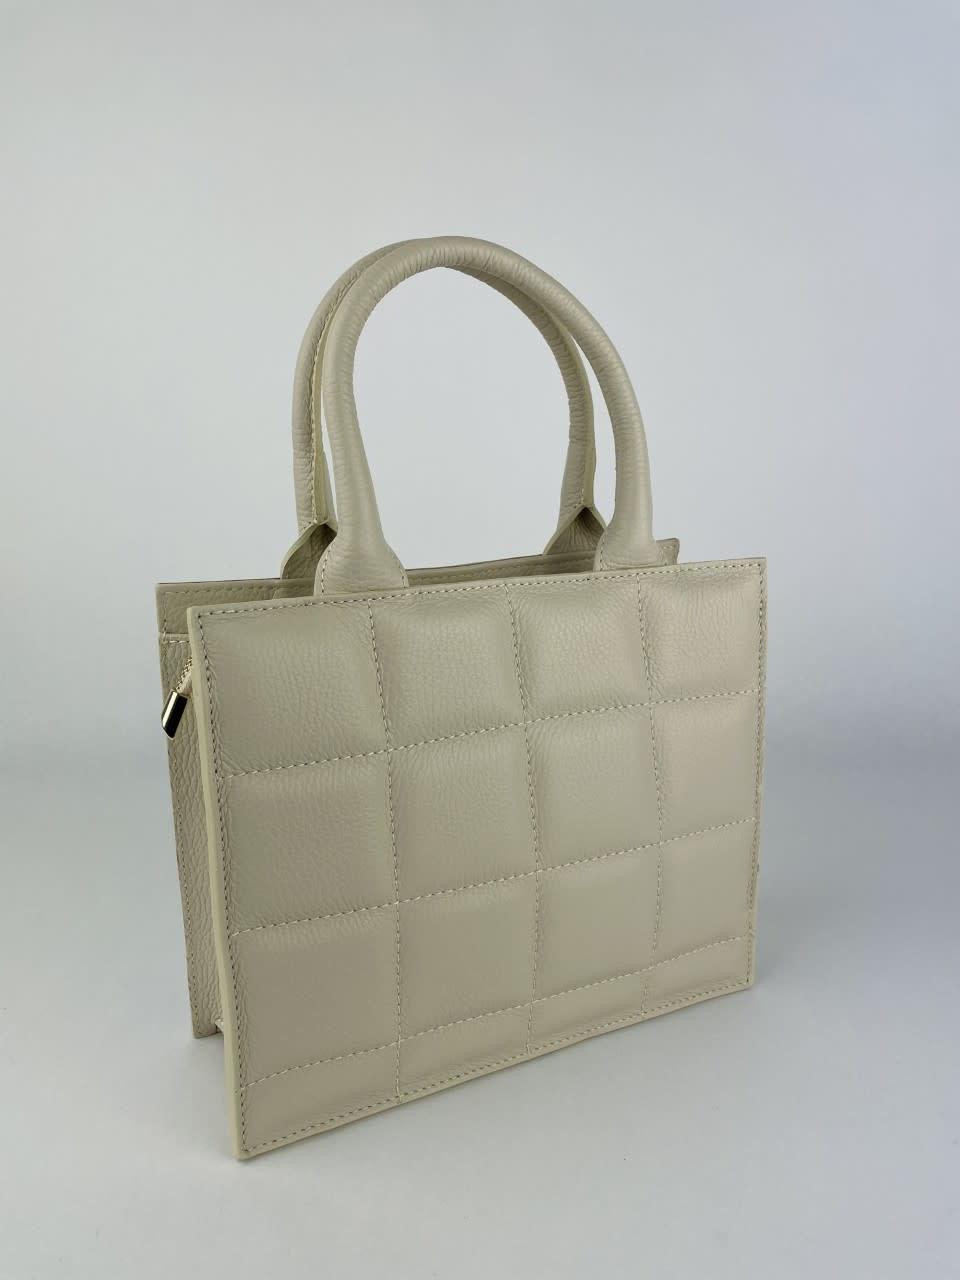 Metora leather bag Broken White-3